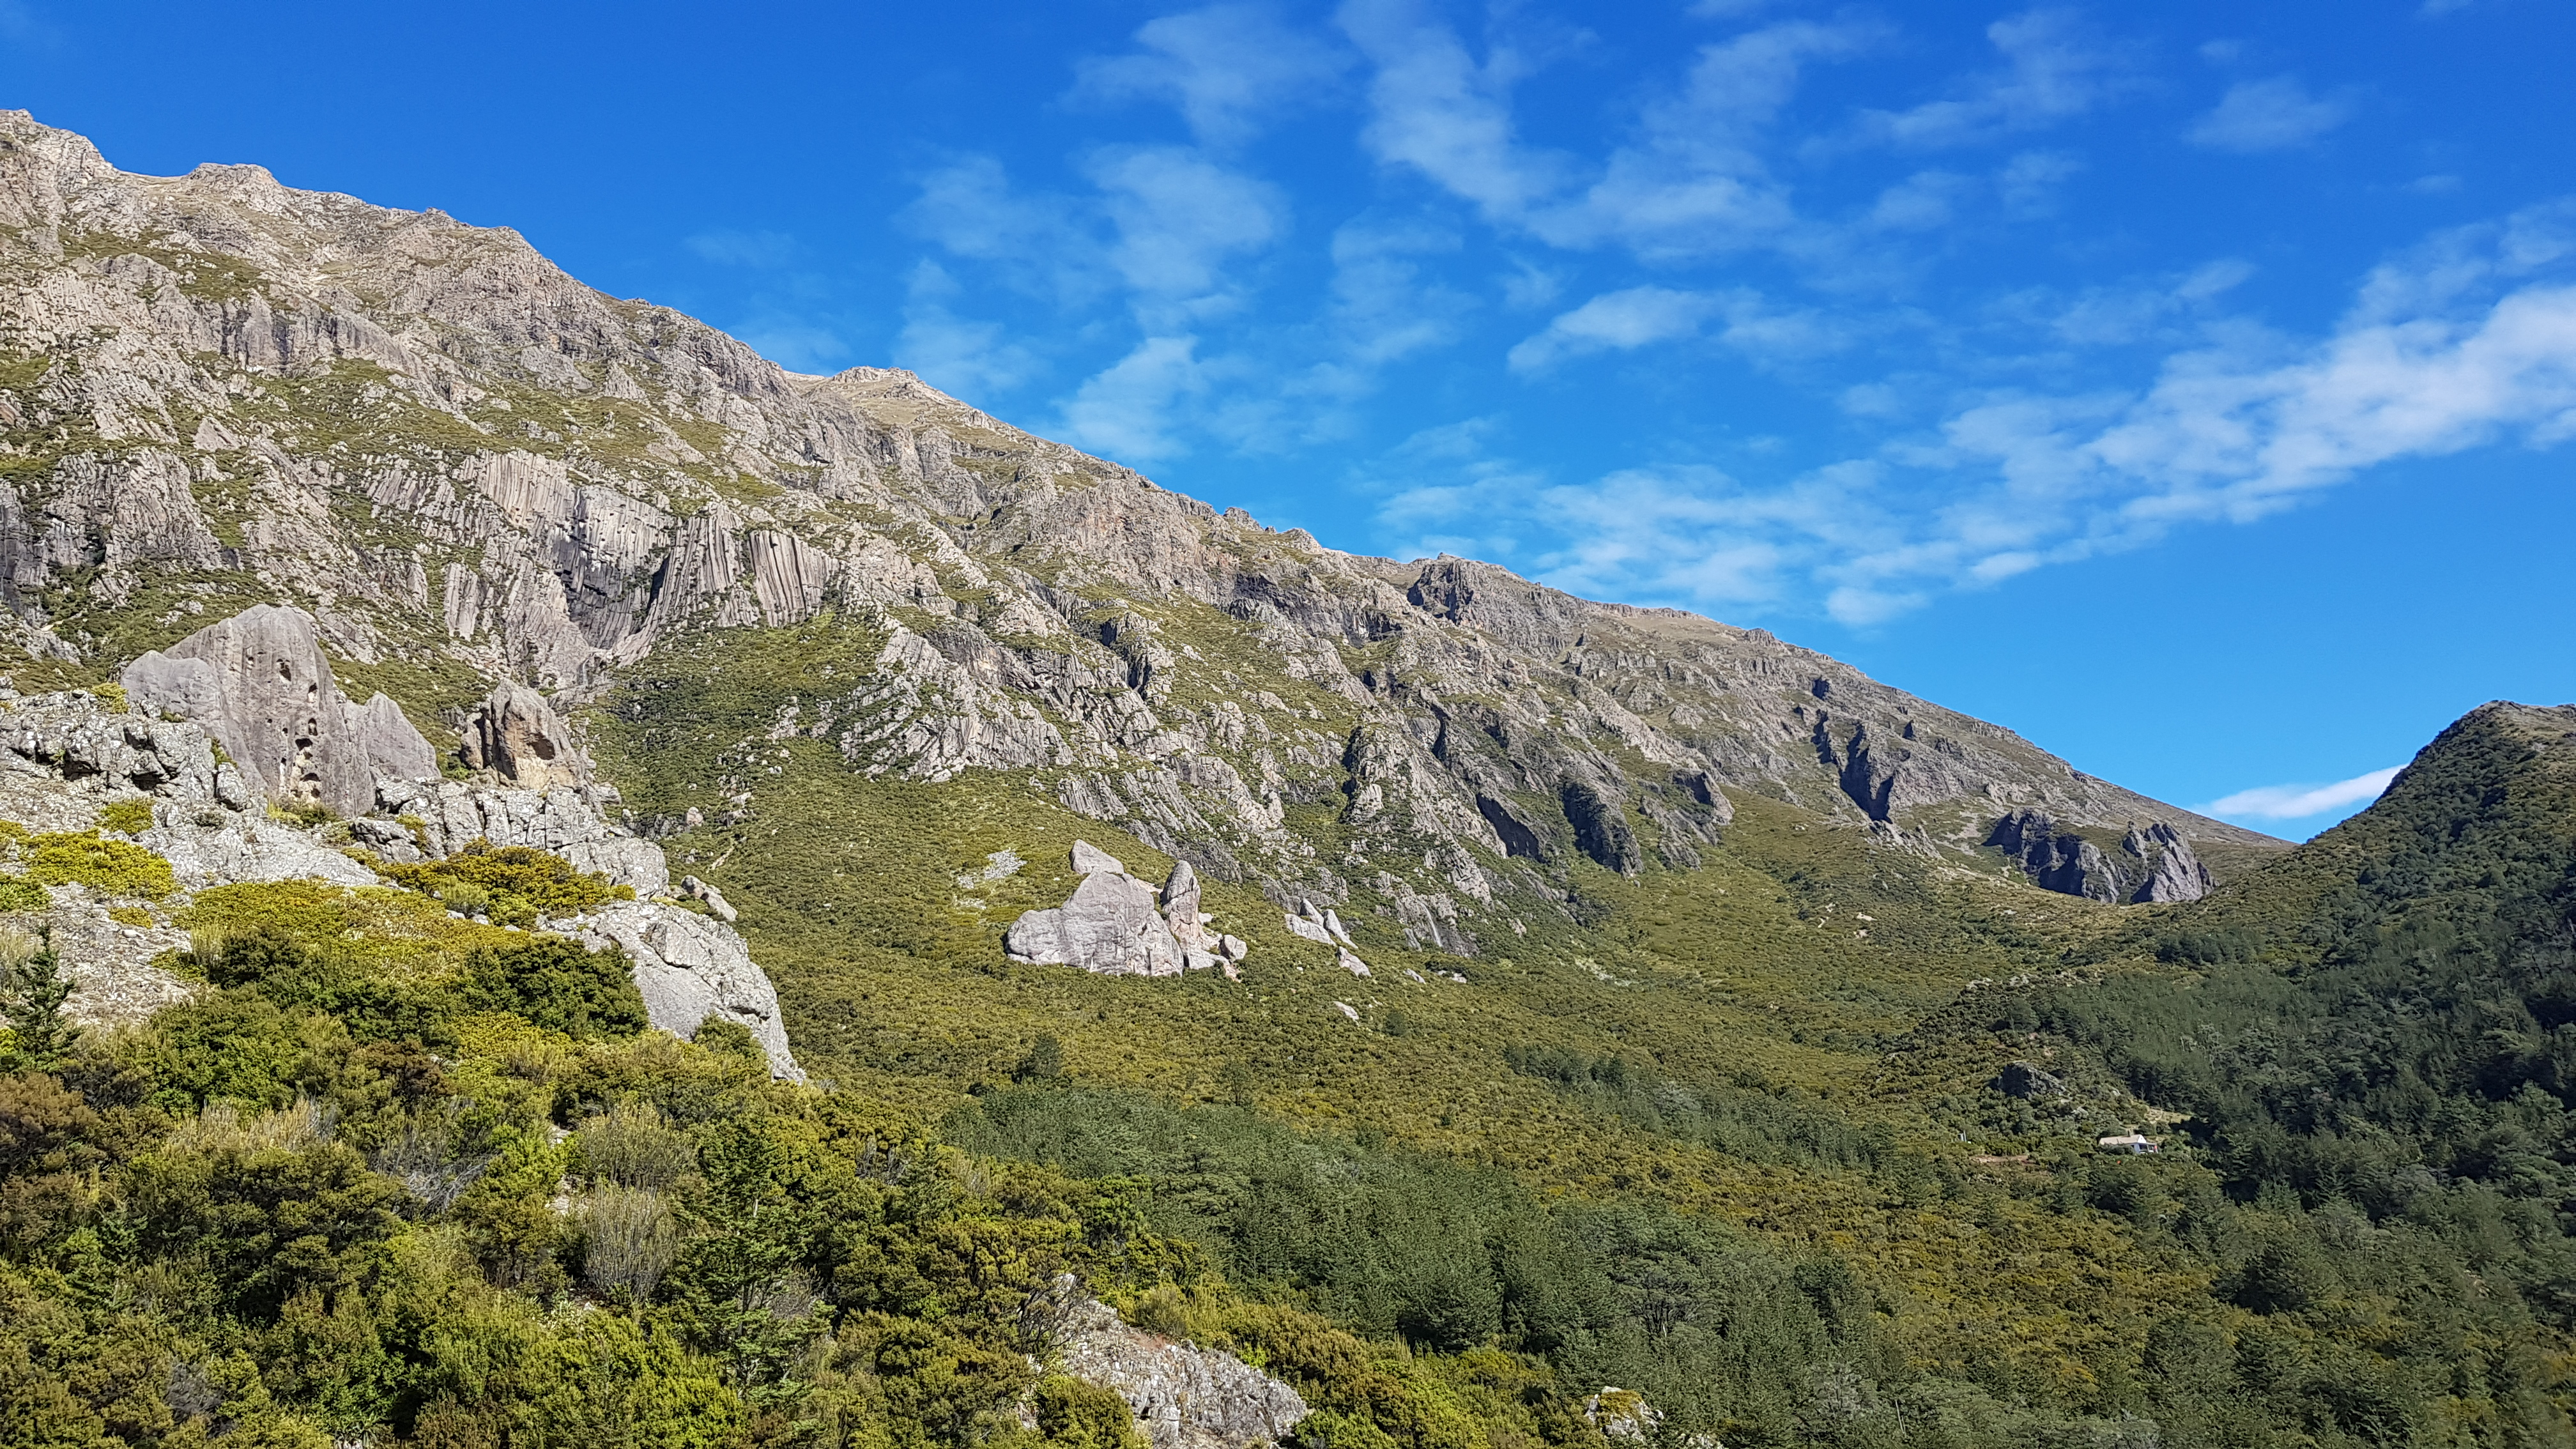 Towards Pinnacles hut